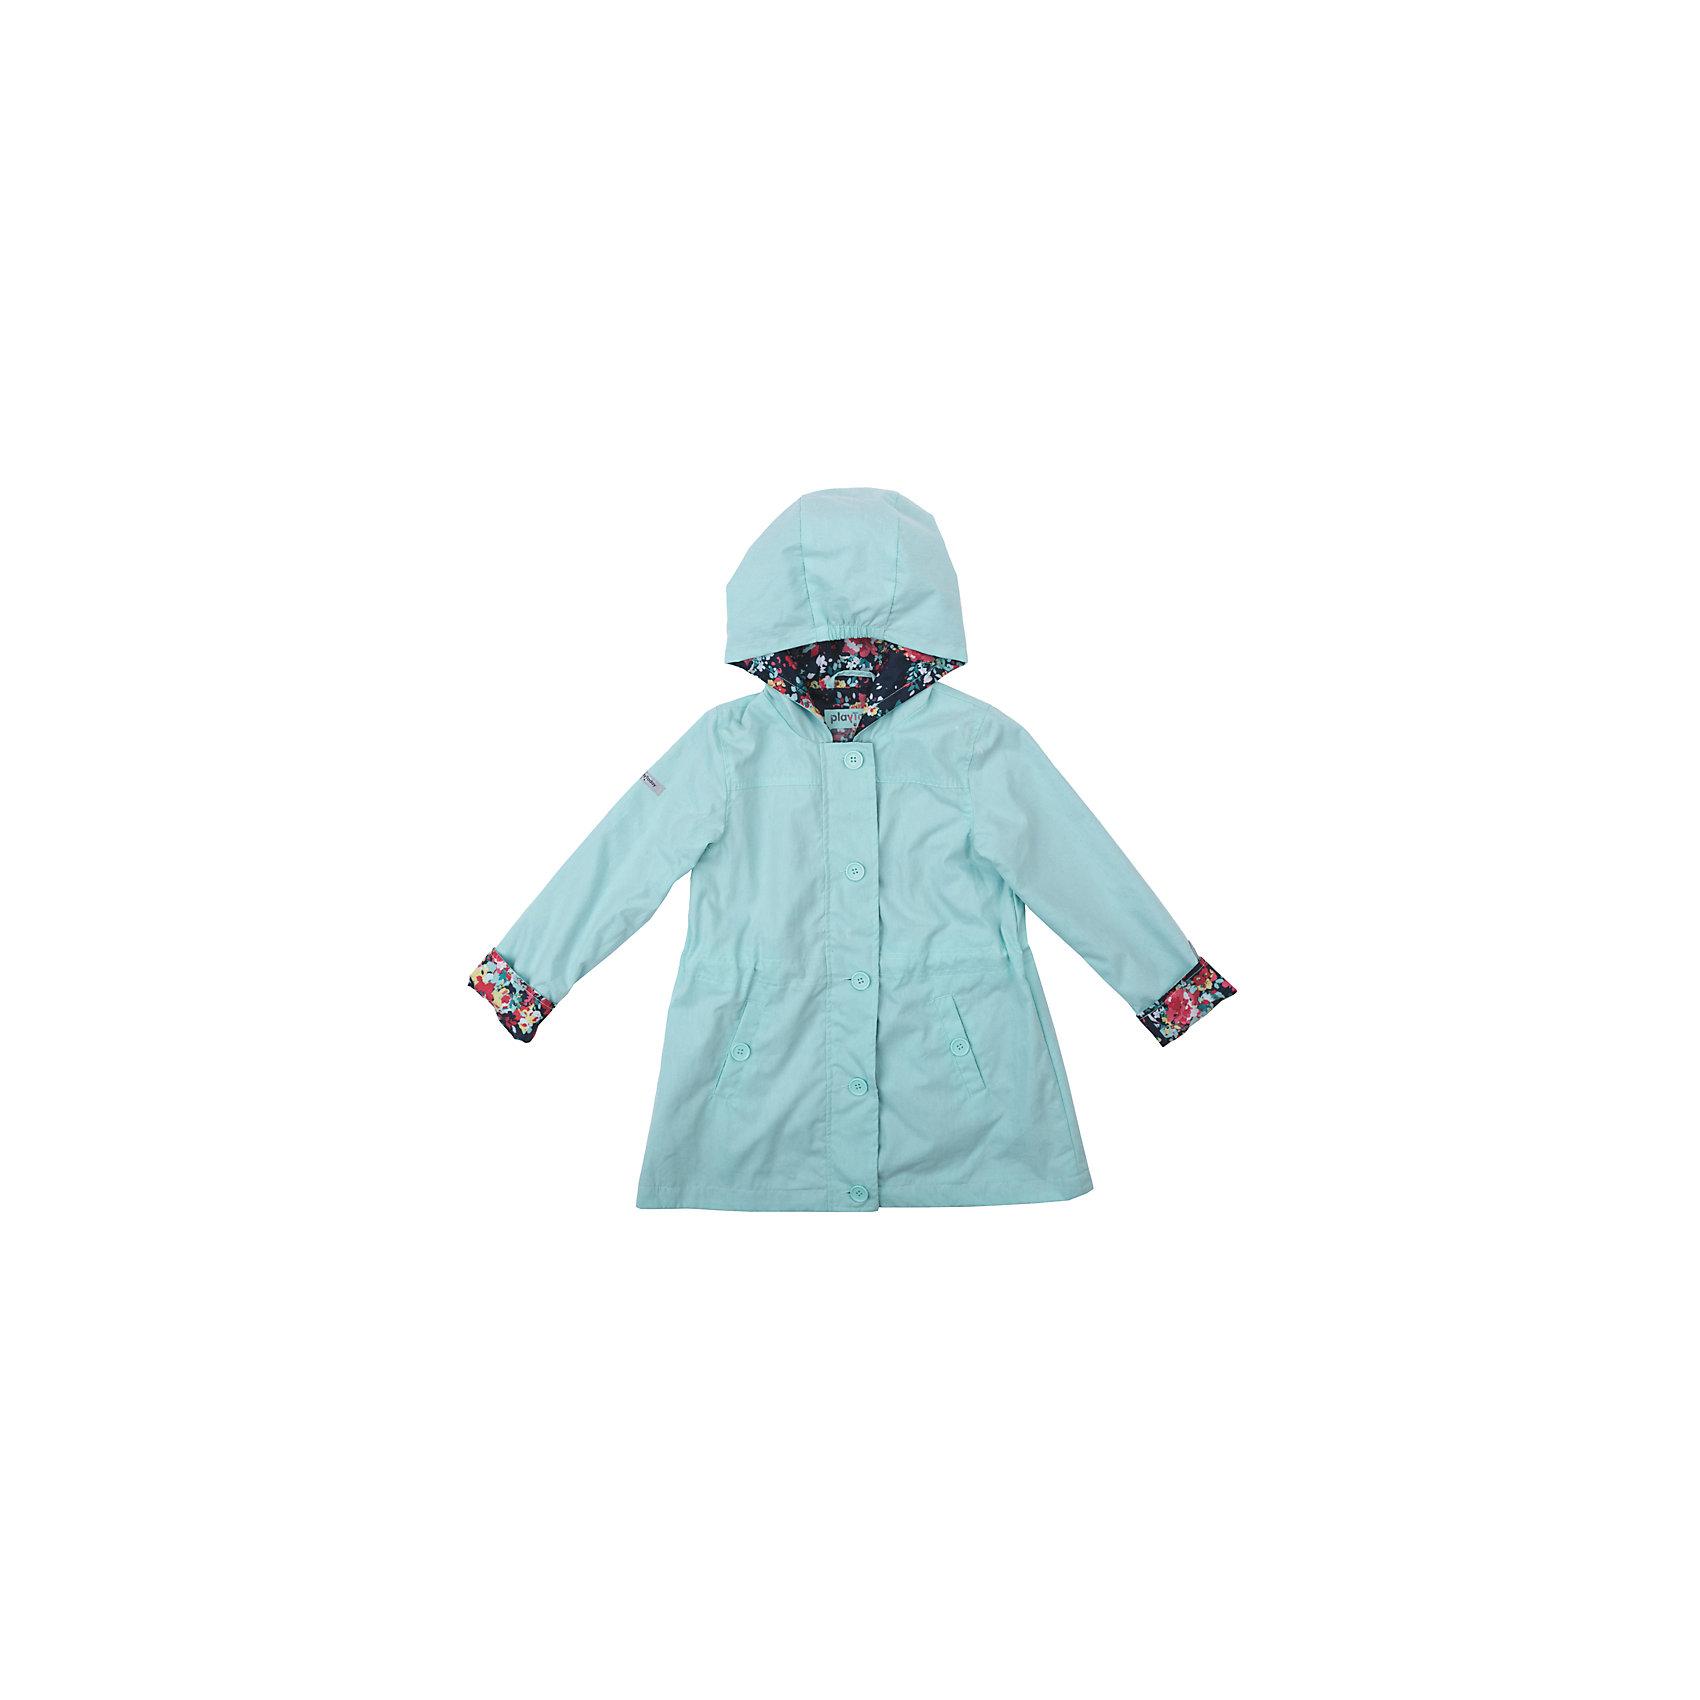 Плащ для девочки PlayTodayВерхняя одежда<br>Характеристики товара:<br><br>• цвет: голубой<br>• состав: 75% хлопок, 25% нейлон, подкладка - 100% полиэстер<br>• без утеплителя<br>• температурный режим: от +10°С до +20°С<br>• карманы<br>• подкладка с принтом<br>• пуговицы<br>• светоотражающие элементы<br>• капюшон<br>• коллекция: весна-лето 2017<br>• страна бренда: Германия<br>• страна производства: Китай<br><br>Популярный бренд PlayToday выпустил новую коллекцию! Вещи из неё продолжают радовать покупателей удобством, стильным дизайном и продуманным кроем. Дети носят их с удовольствием. PlayToday - это линейка товаров, созданная специально для детей. Дизайнеры учитывают новые веяния моды и потребности детей. Порадуйте ребенка обновкой от проверенного производителя!<br>Такой демисезонный плащ обеспечит ребенку комфорт благодаря качественному материалу и продуманному крою. С помощью этой модели можно удобно одеться по погоде. Очень модная модель! Отлично подходит для переменной погоды межсезонья.<br><br>Плащ для девочки от известного бренда PlayToday можно купить в нашем интернет-магазине.<br><br>Ширина мм: 157<br>Глубина мм: 13<br>Высота мм: 119<br>Вес г: 200<br>Цвет: голубой<br>Возраст от месяцев: 24<br>Возраст до месяцев: 36<br>Пол: Женский<br>Возраст: Детский<br>Размер: 98,128,104,110,116,122<br>SKU: 5403620